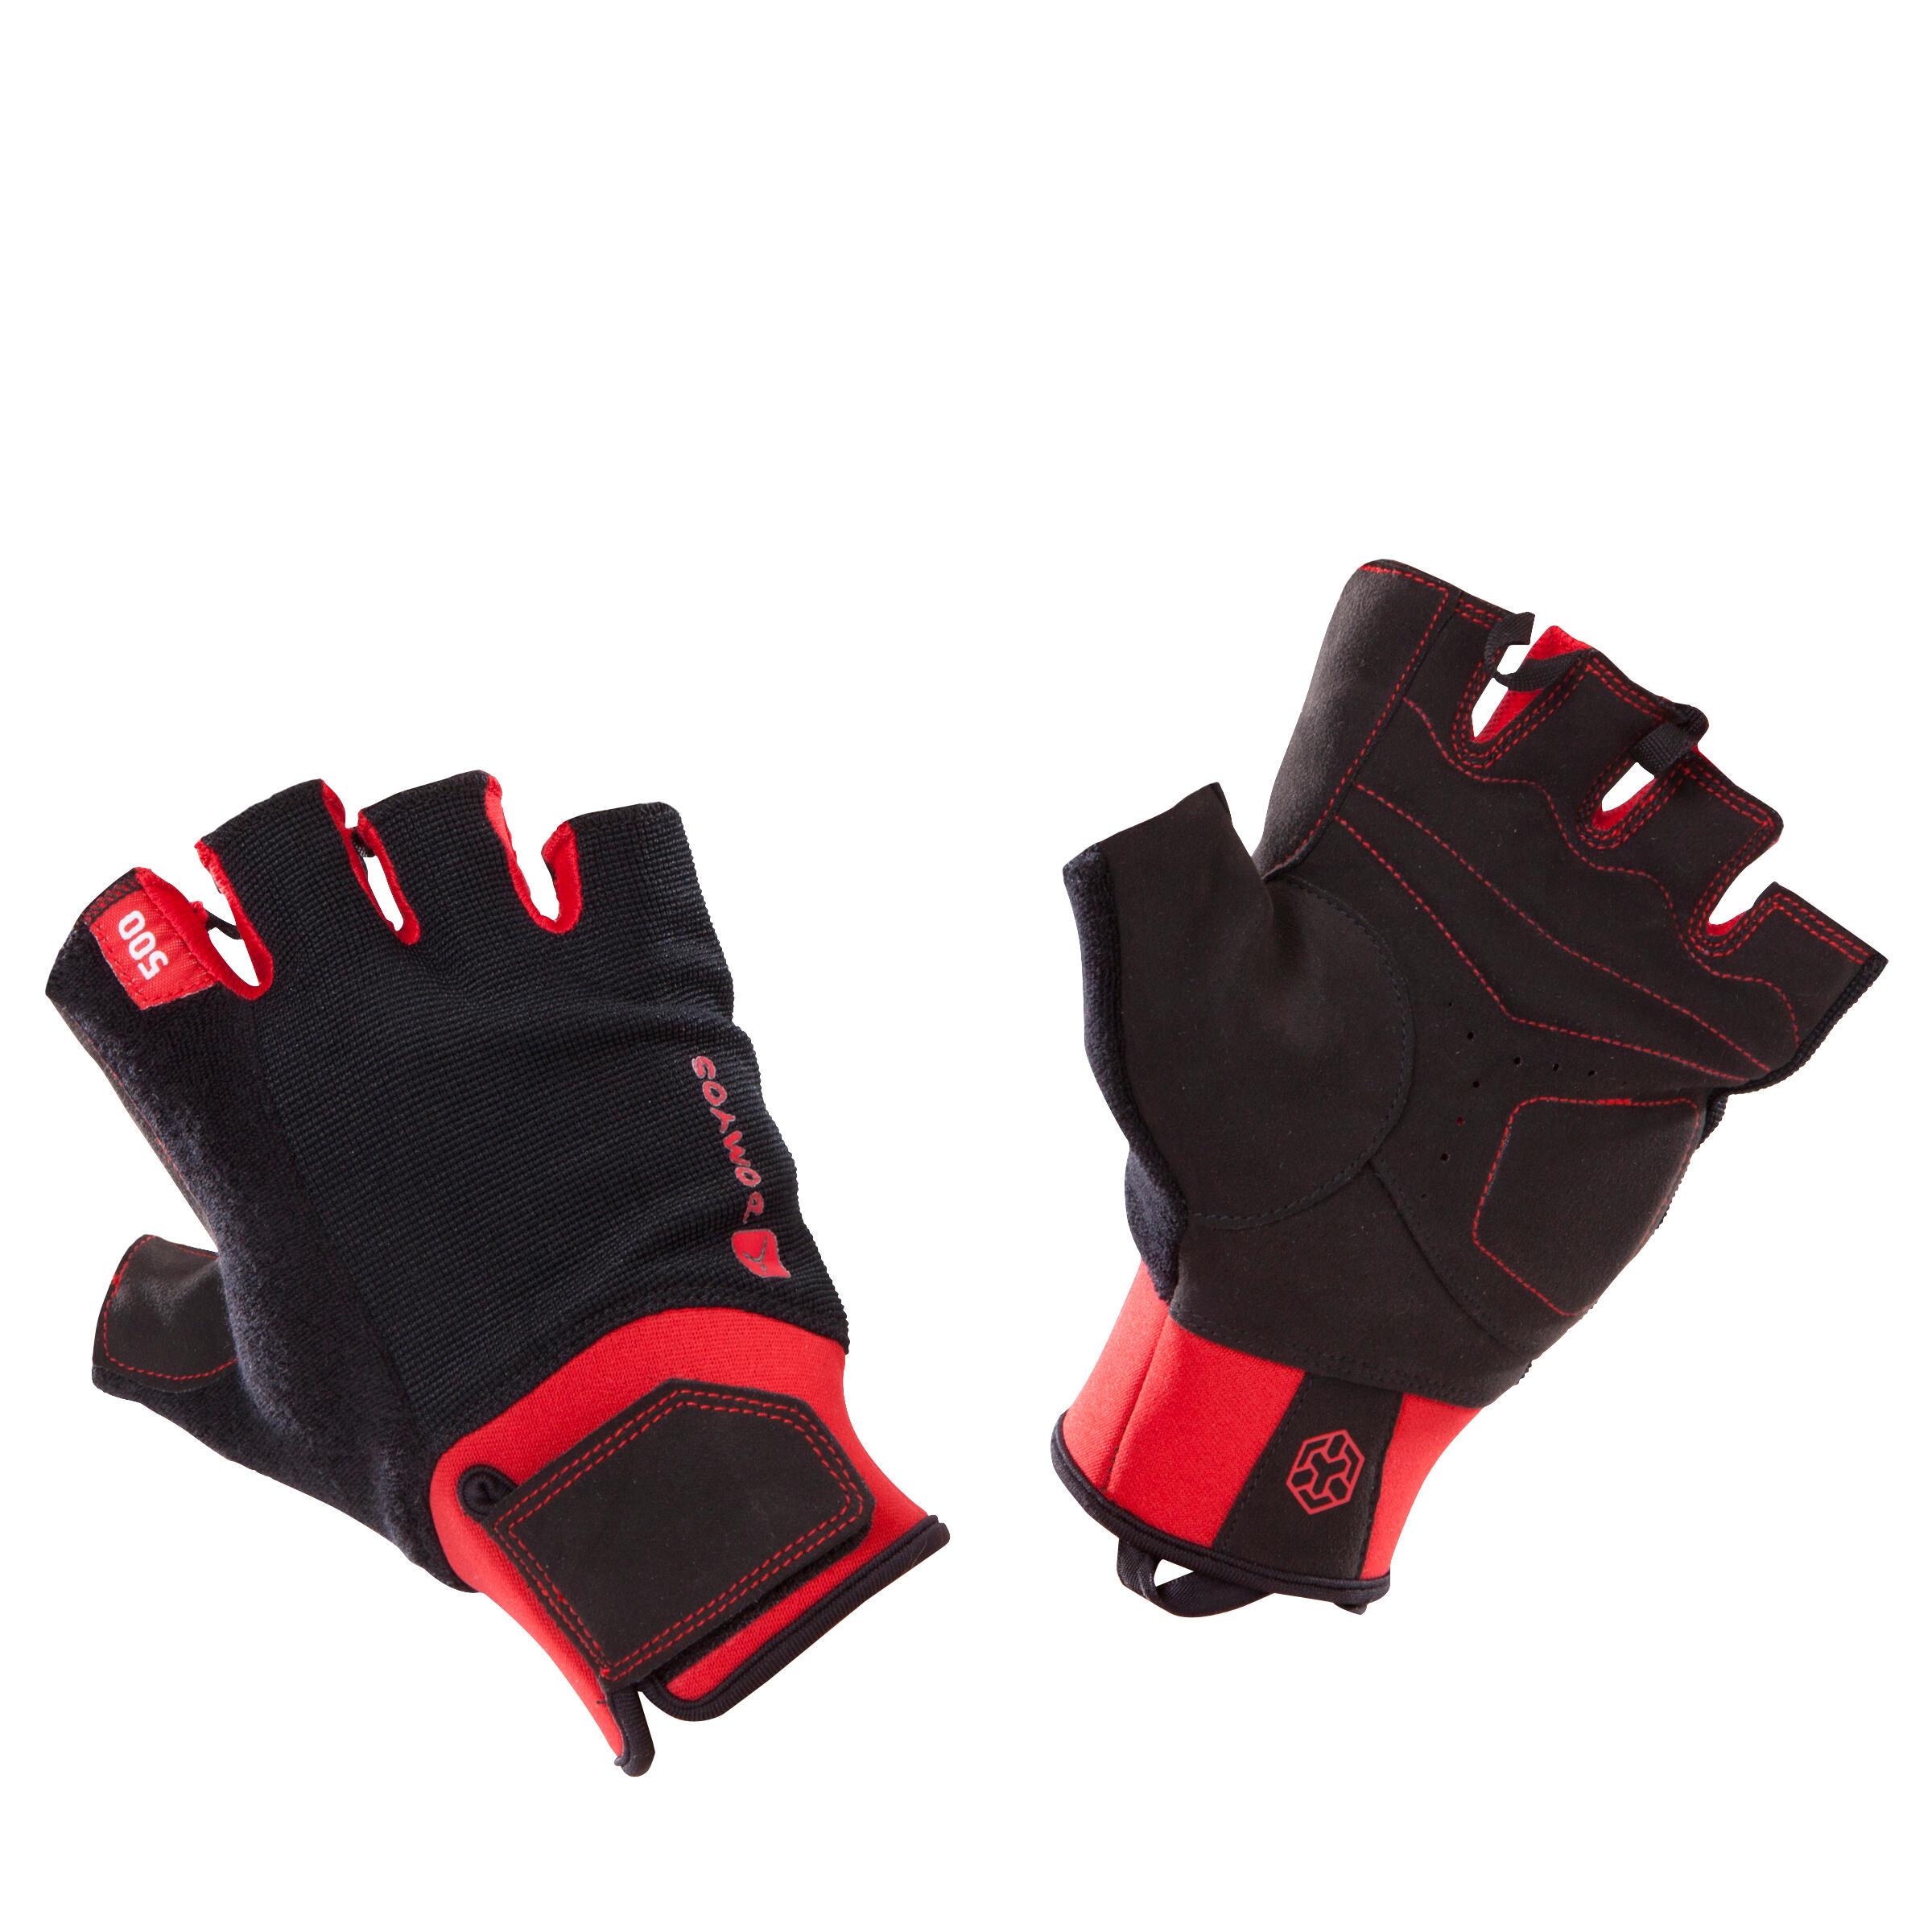 Domyos Handschoen krachttraining 500 zwart/rood met klittenbandsluiting aan de pols